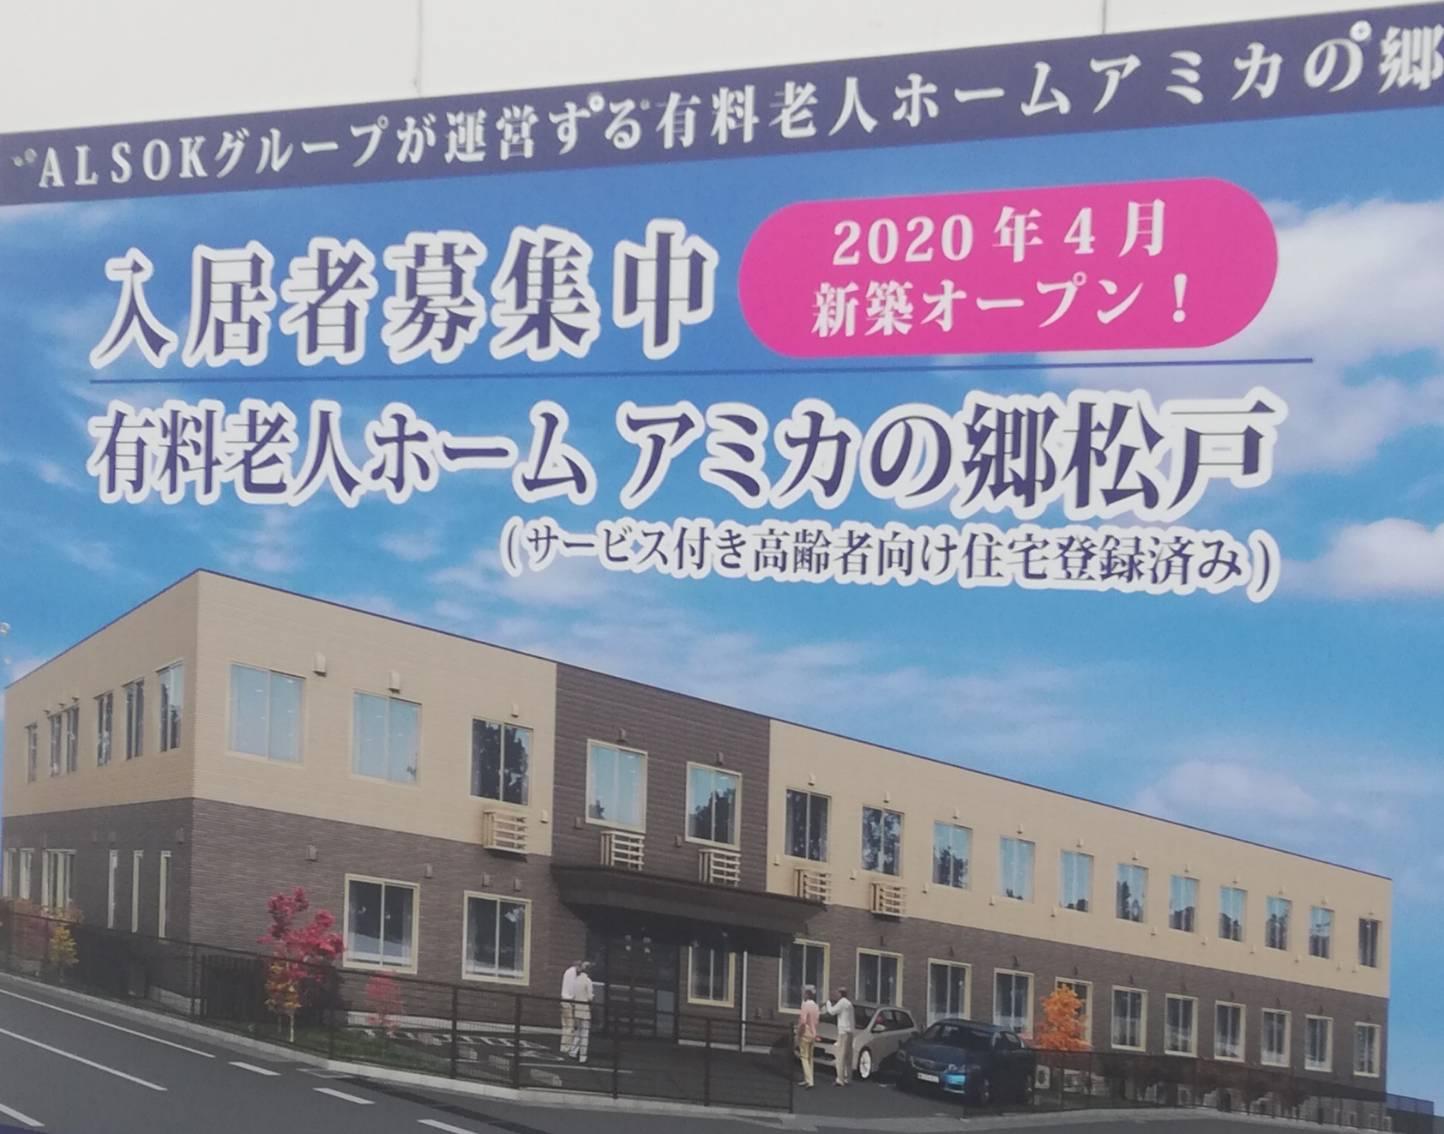 アミカの郷松戸2020年4月オープン